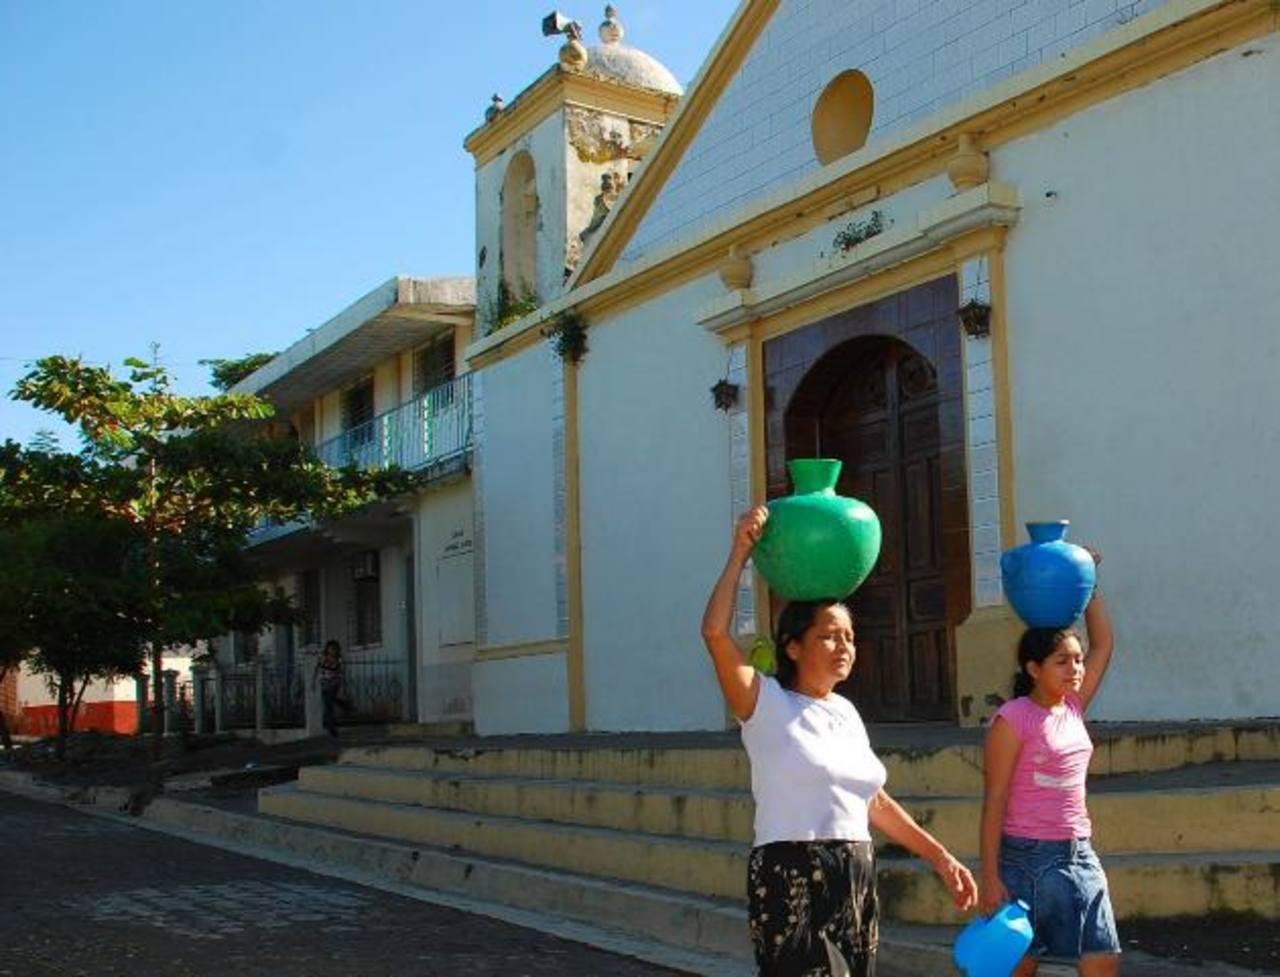 El municipio de Uluazapa, que vivió sin un homicidio durante un década, ahora se encuentra en la zozobra,